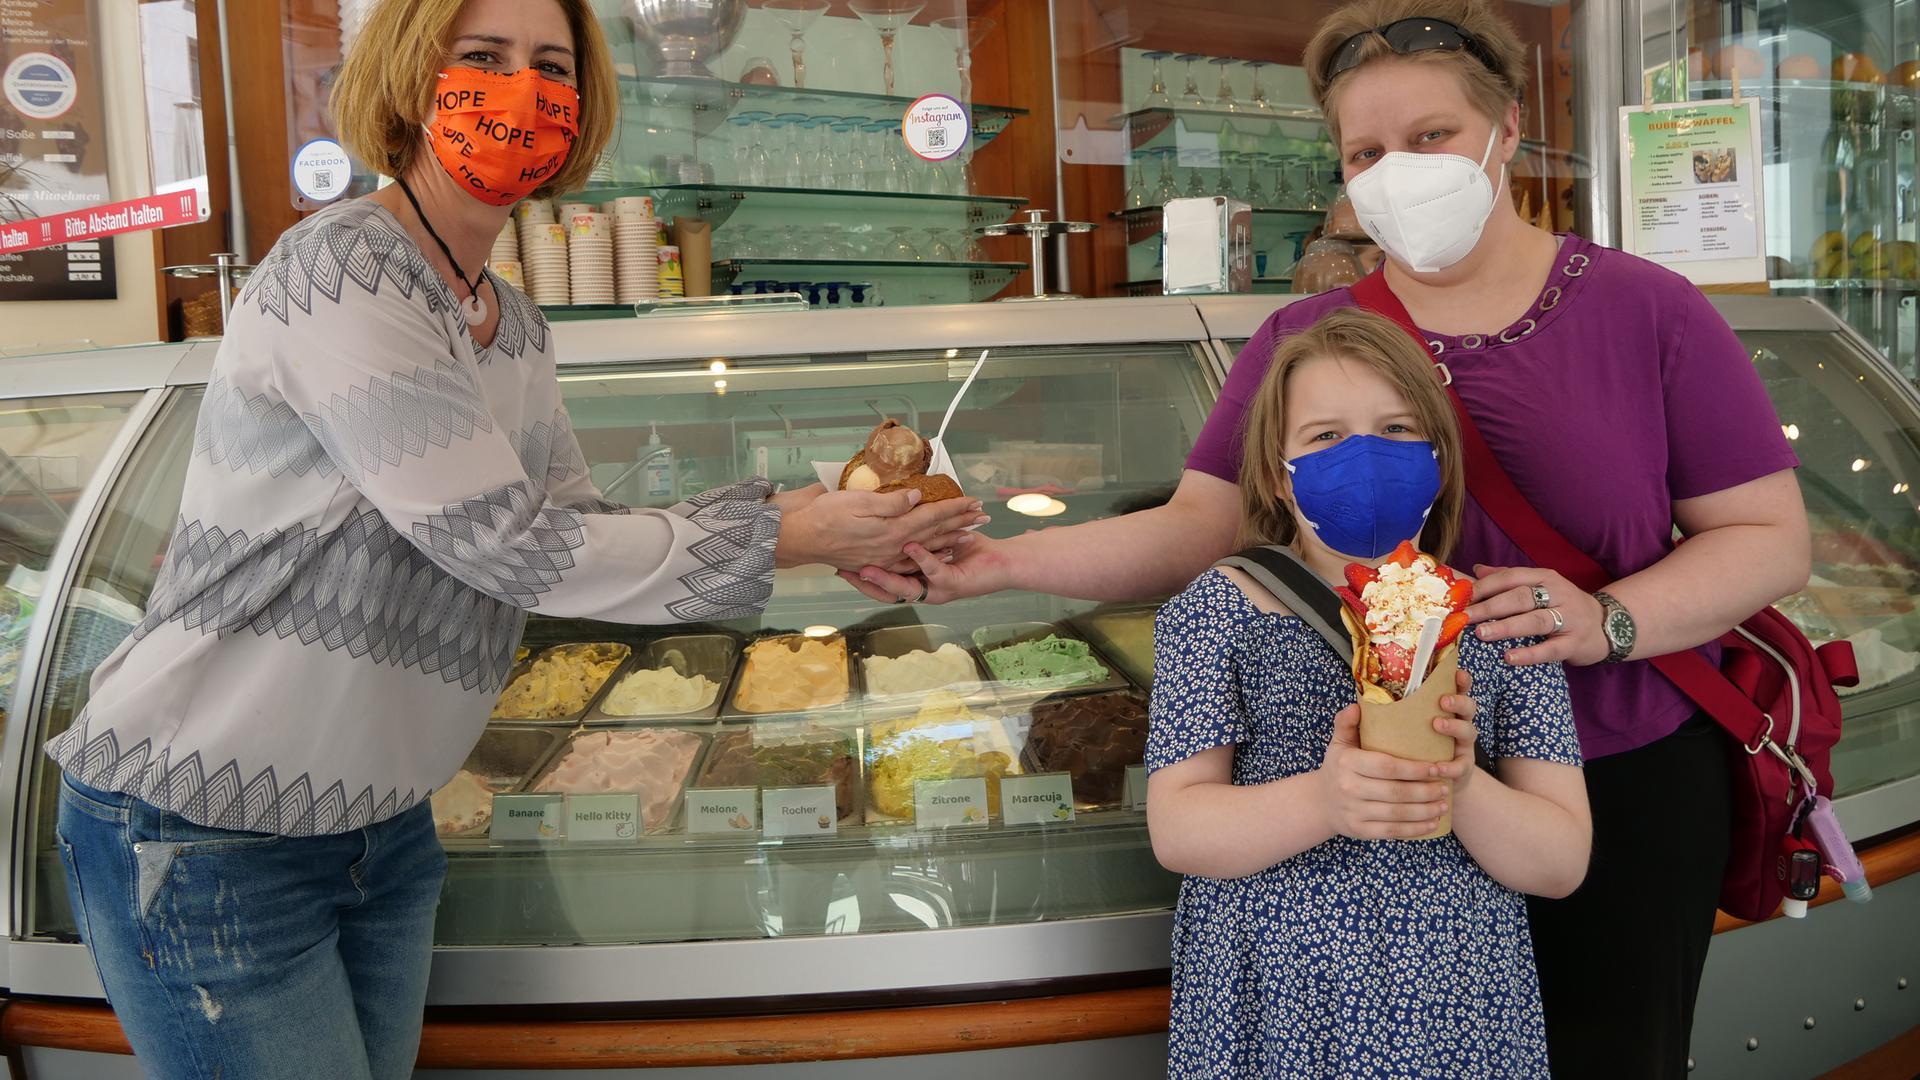 Kinder mögen klassische Eissorten, Erwachsene experimentieren auch gerne, weiß Serena Meduri (links)